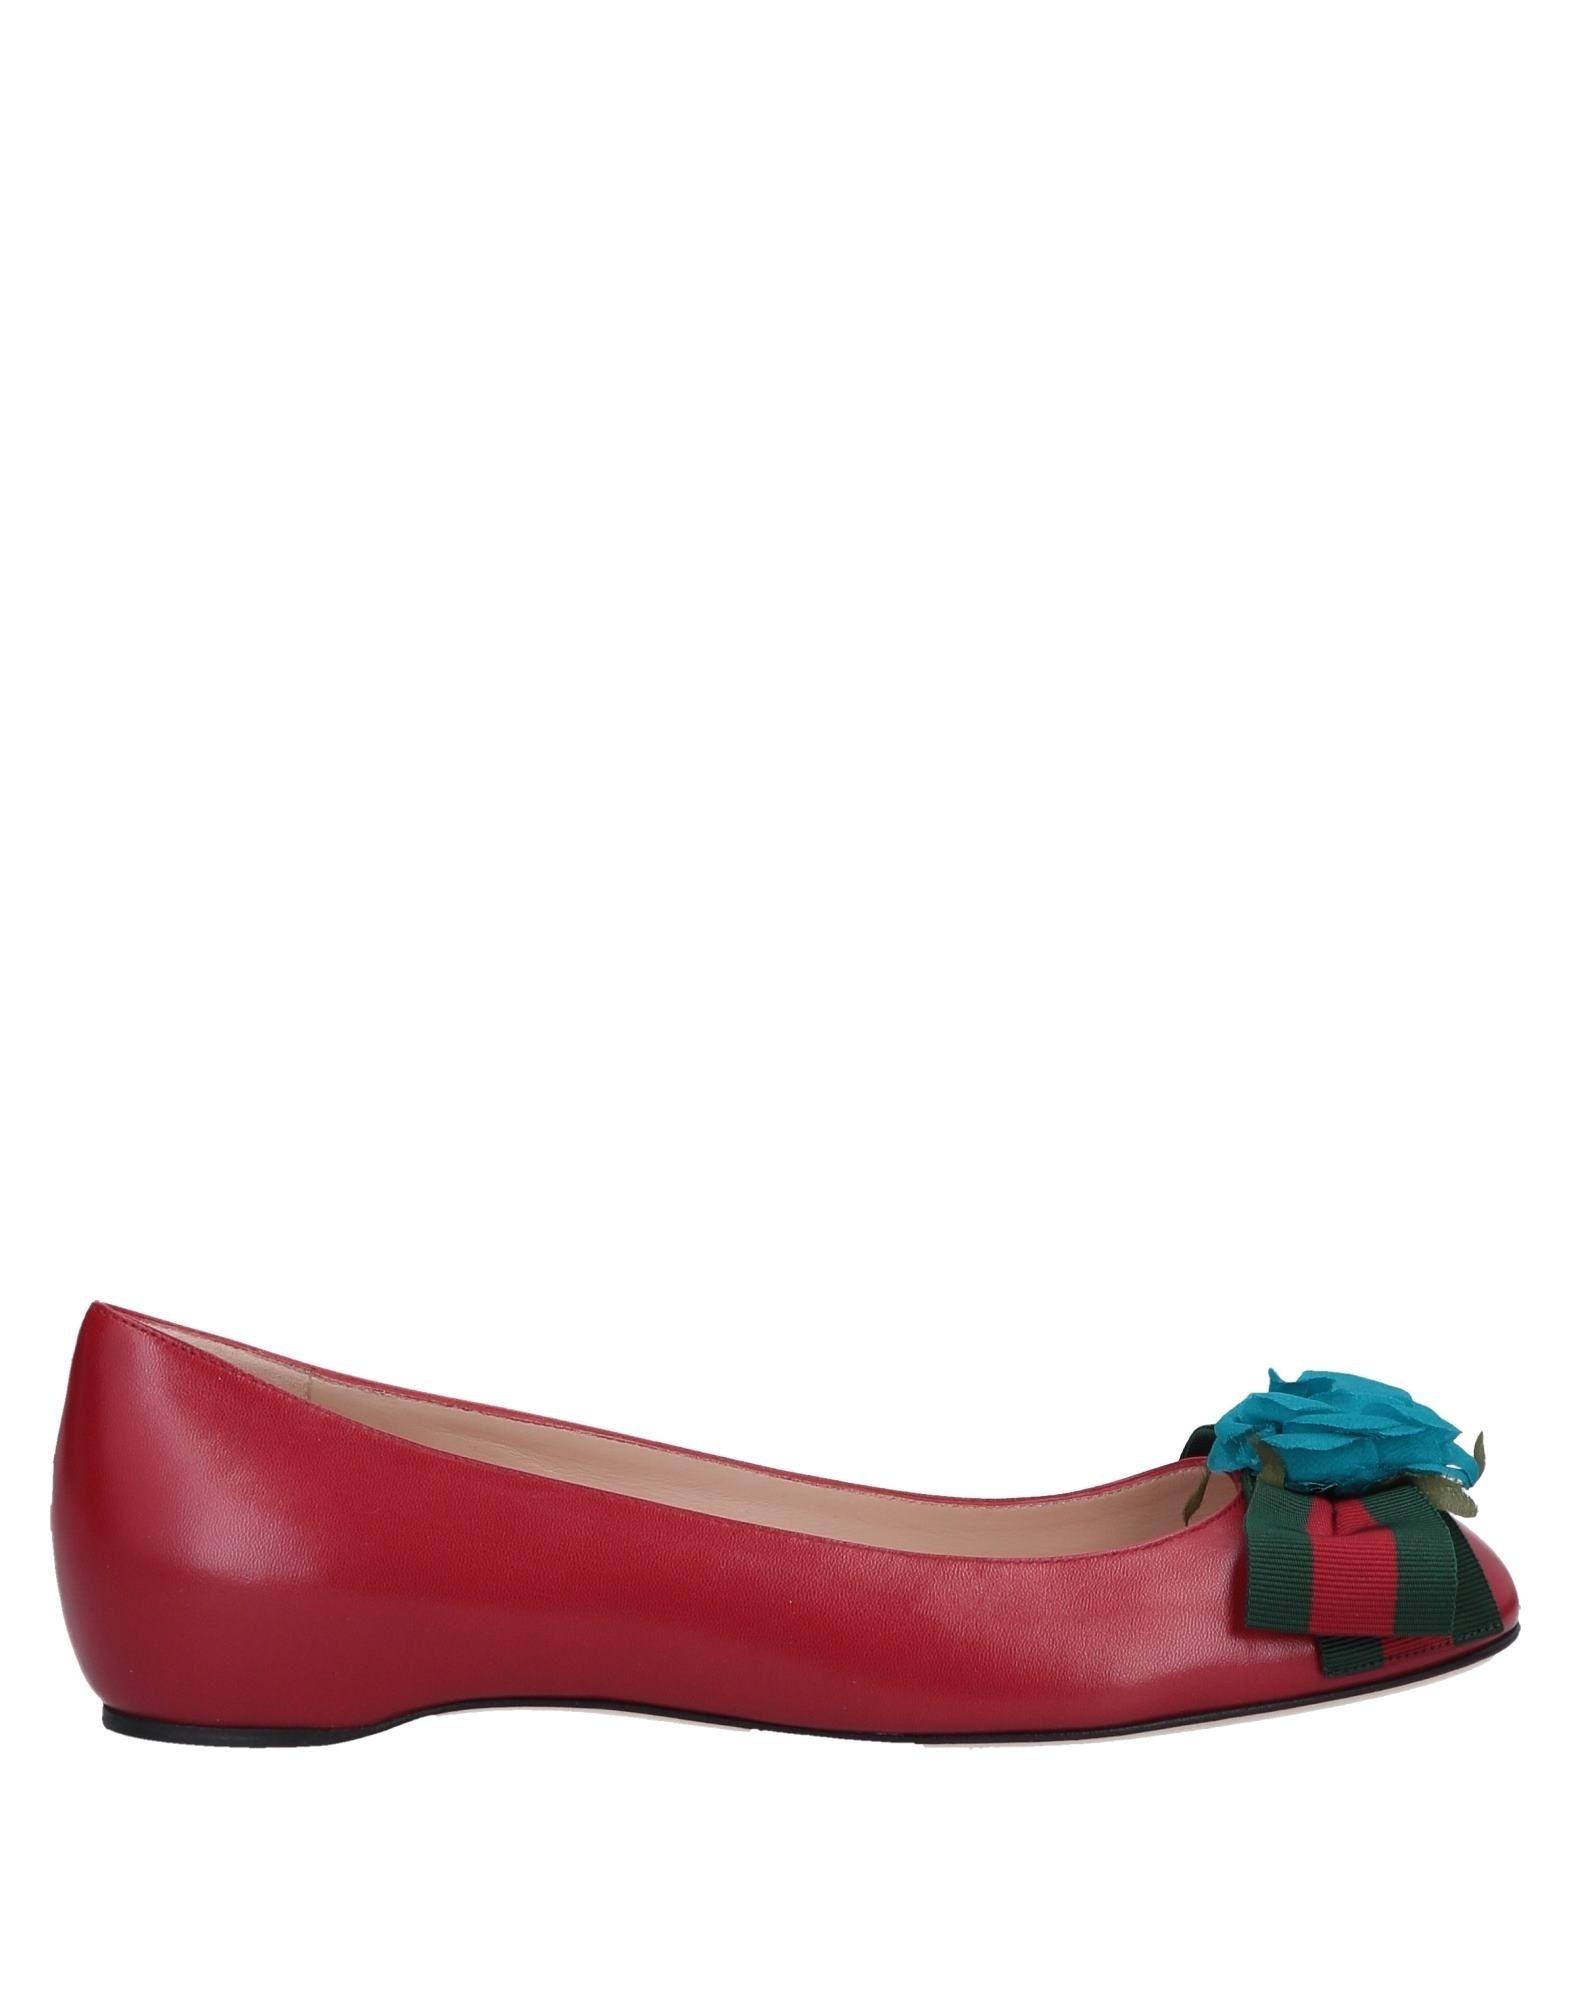 d1b293a85311 Gucci Ballet Flats - Women Gucci Ballet Flats online on YOOX United ...